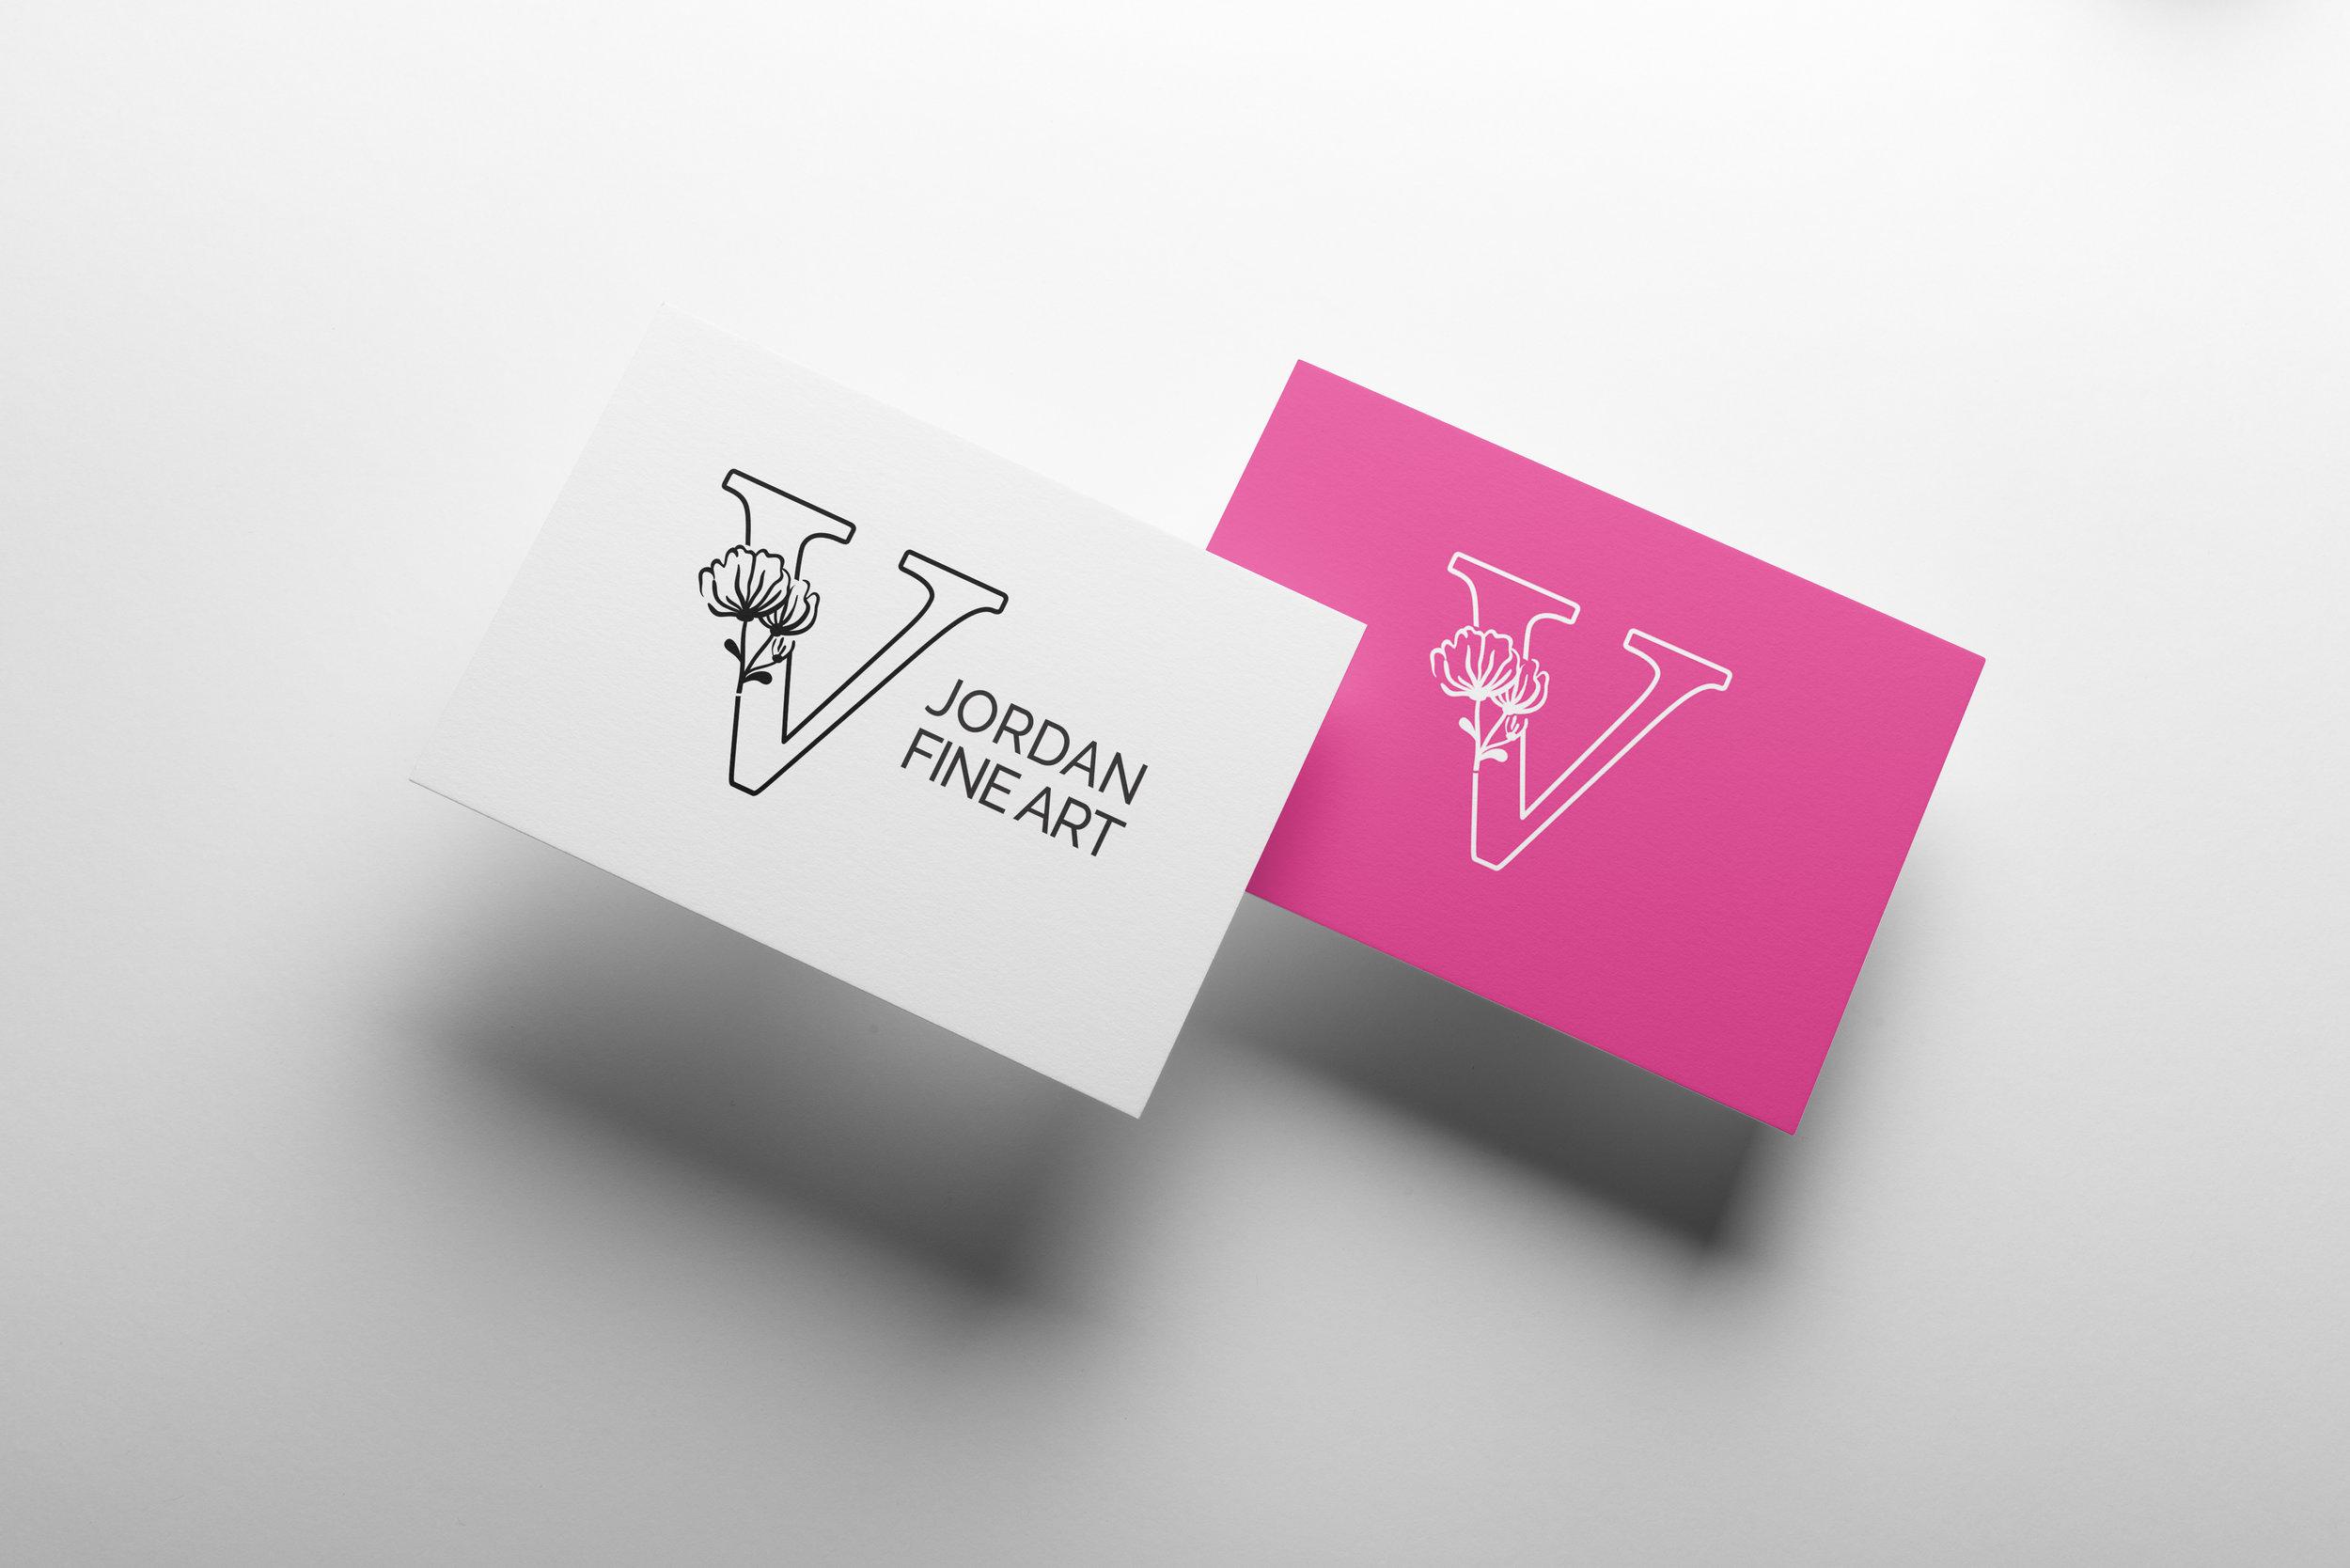 V Jordan Fine Art_ G Disain.jpg